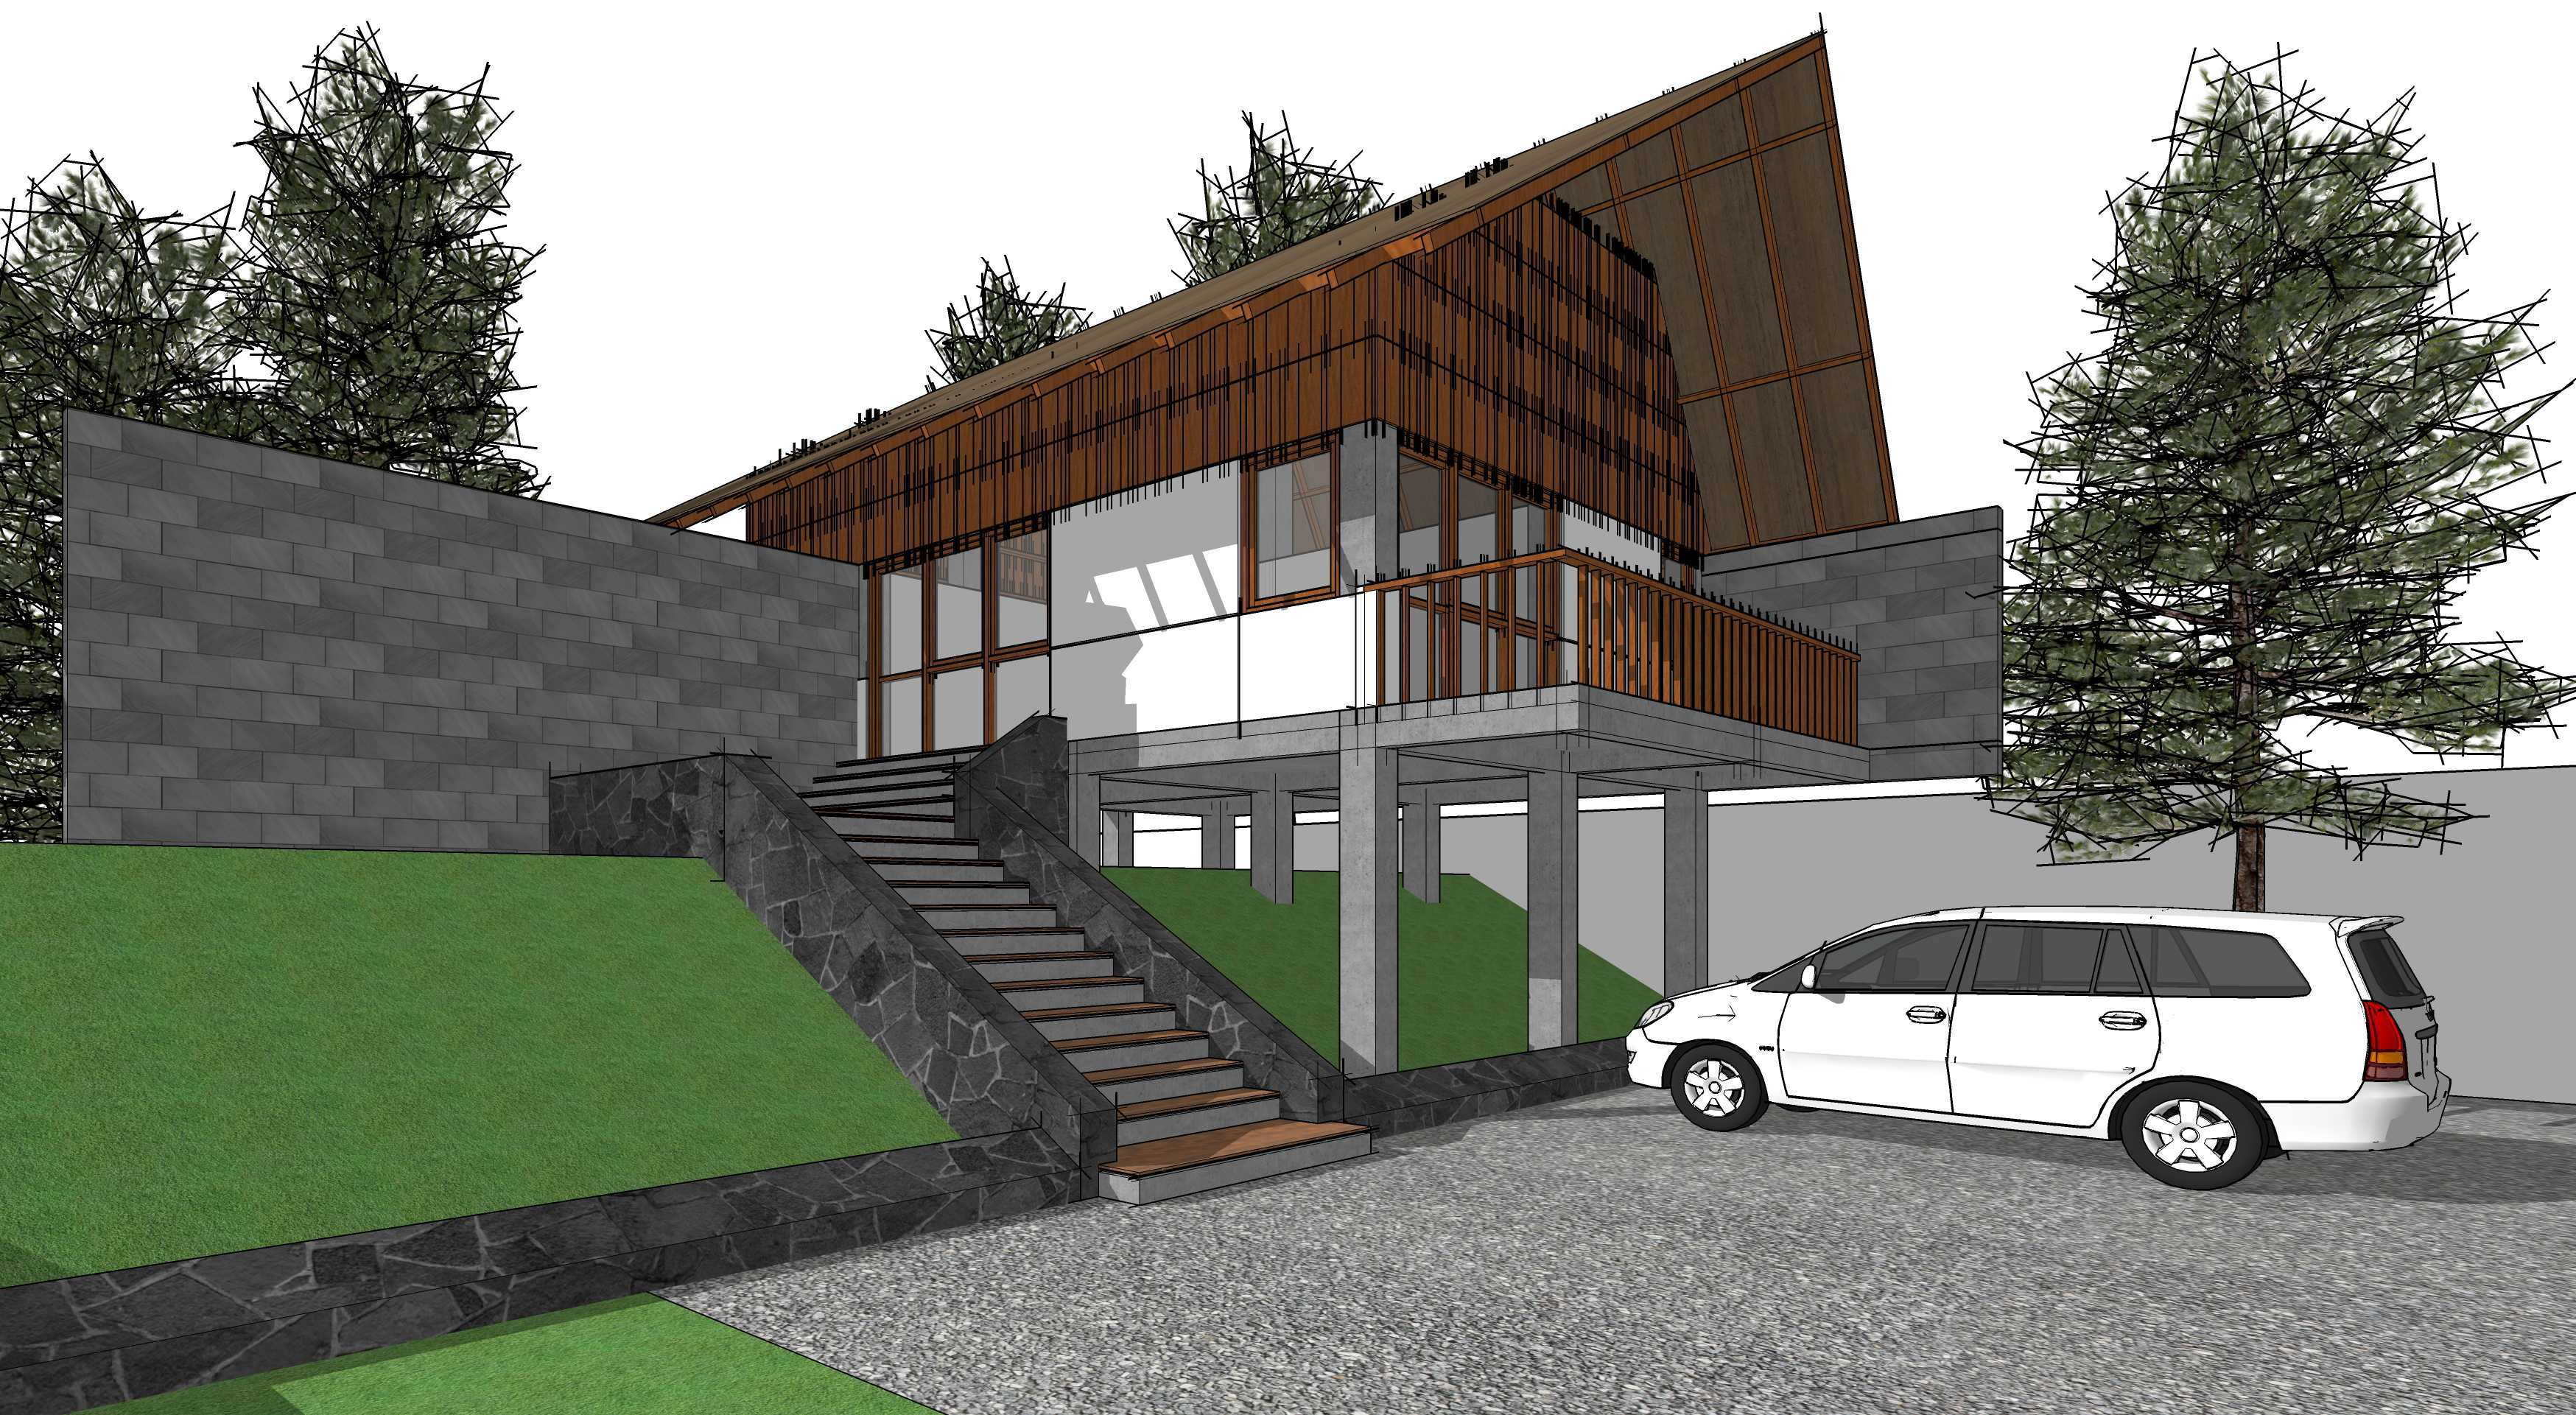 Gubah Ruang Bukit - Home Stay Kabupaten Manokwari, Papua Bar., Indonesia Kabupaten Manokwari, Papua Bar., Indonesia Exterior View   51005